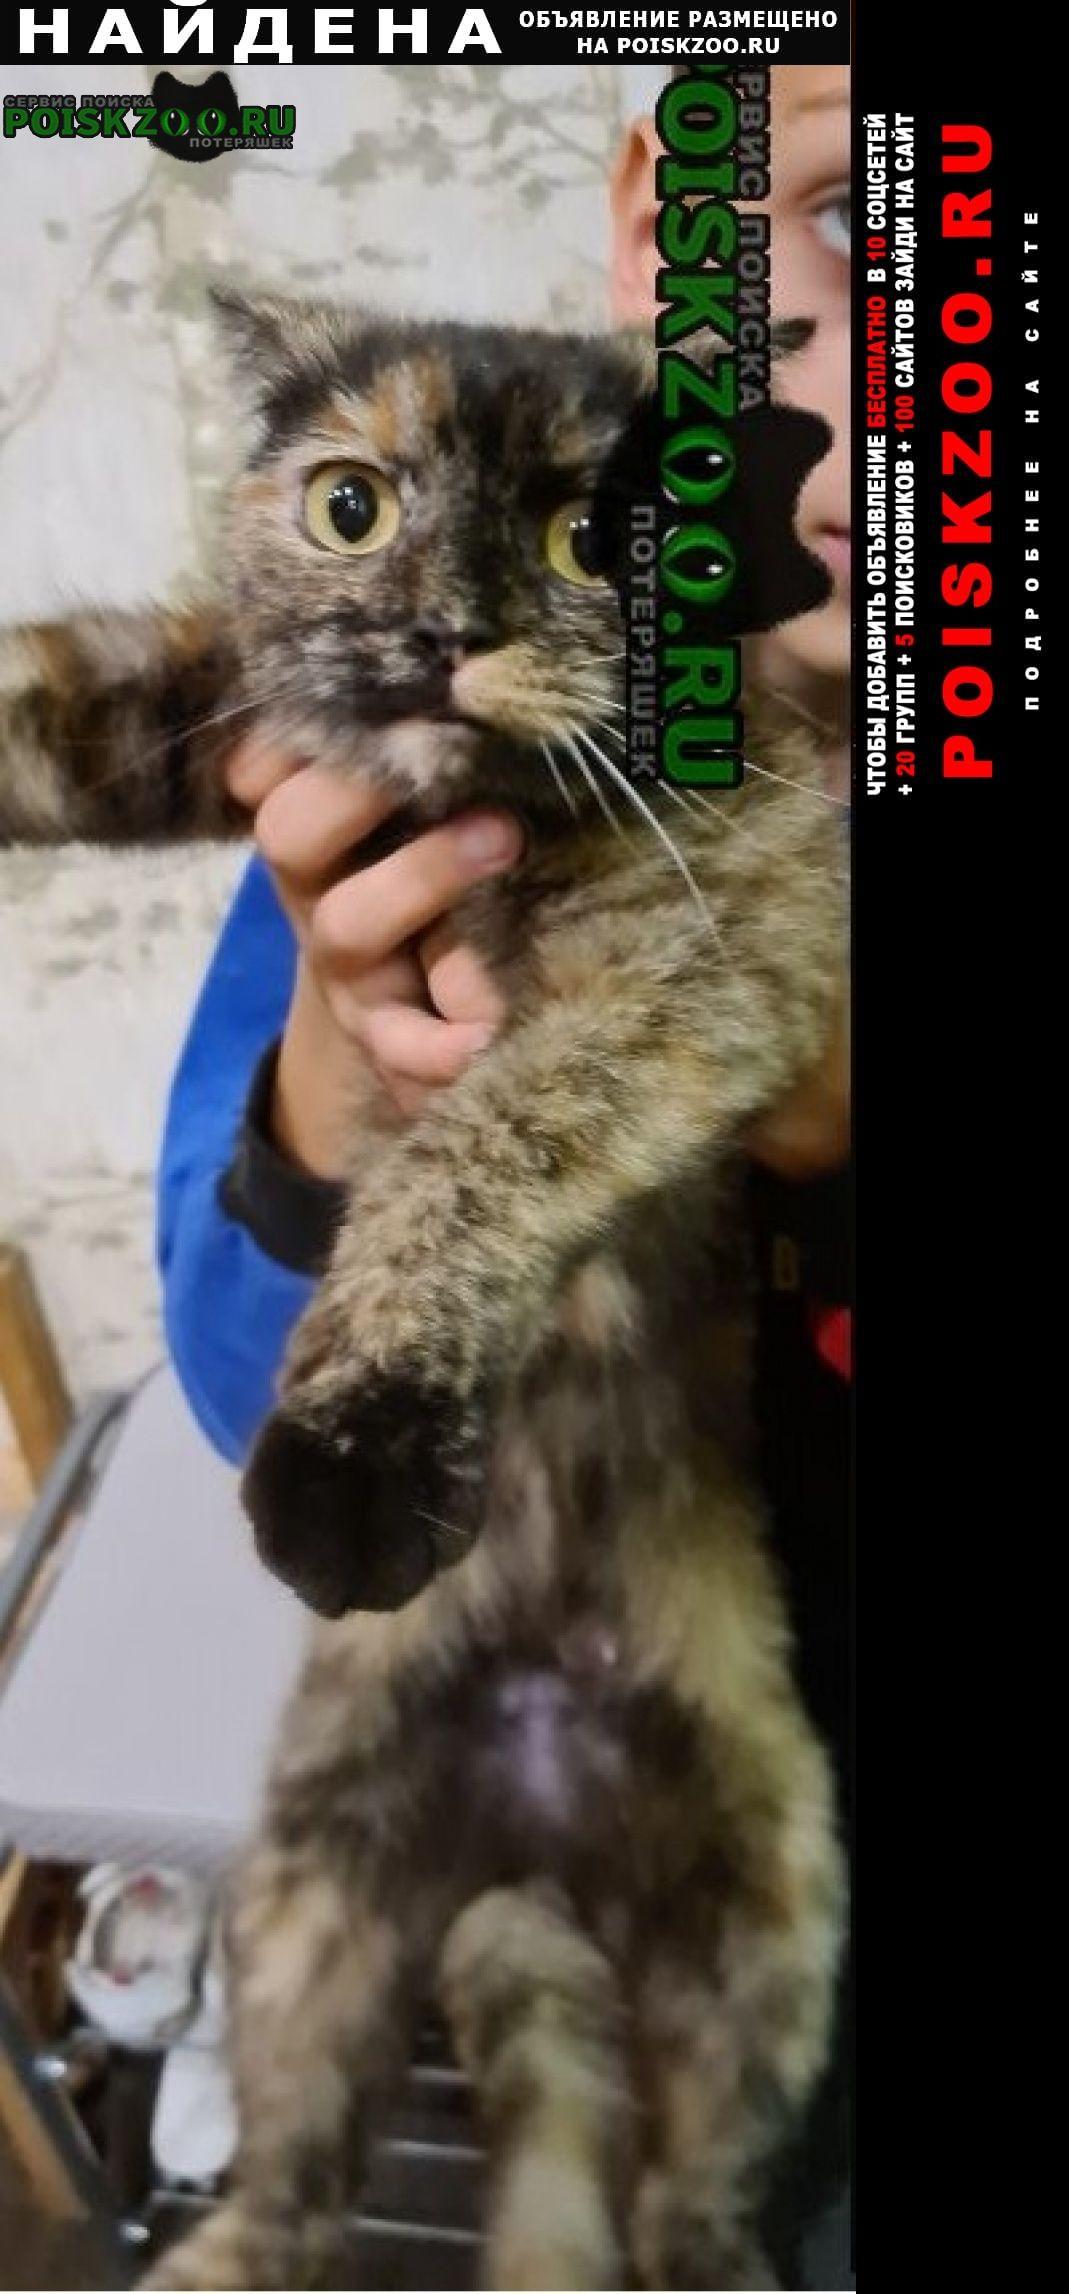 Найдена кошка мкр 7 небо, волжская наб. 23. Нижний Новгород